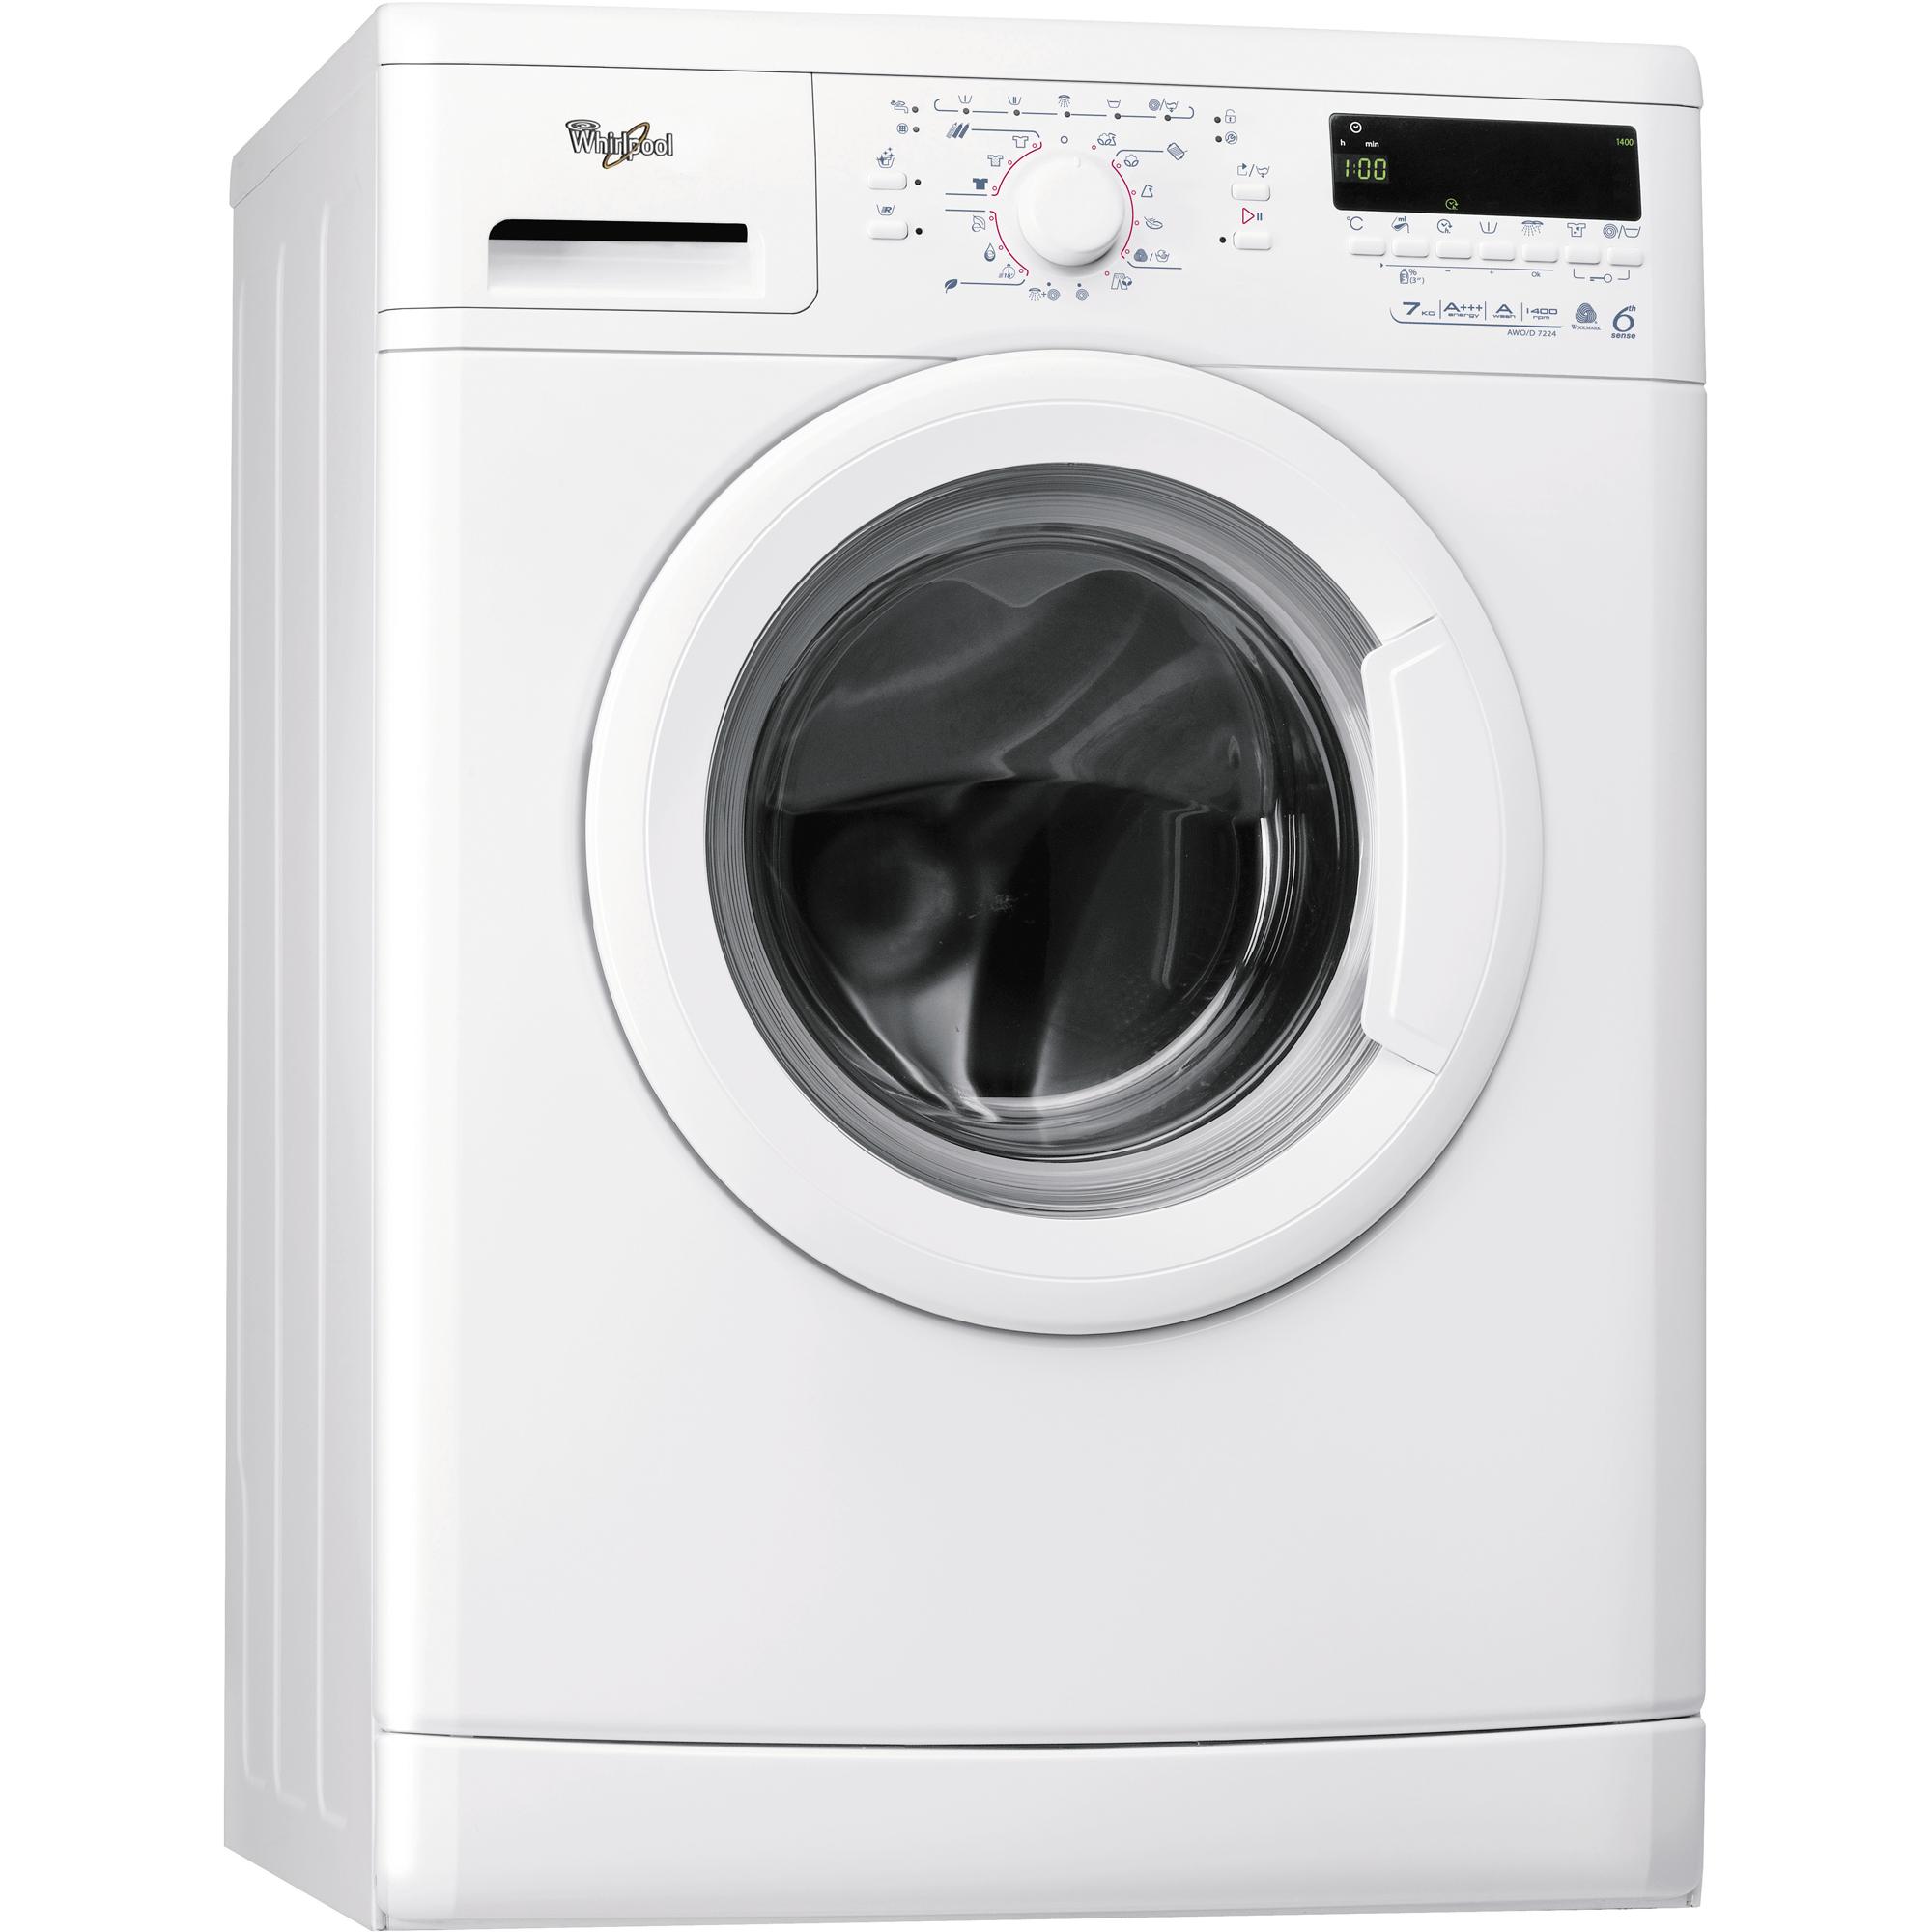 Waschmaschine (7 kg) AWOD 7224  Whirlpool Österreich -> Waschmaschine Höhe